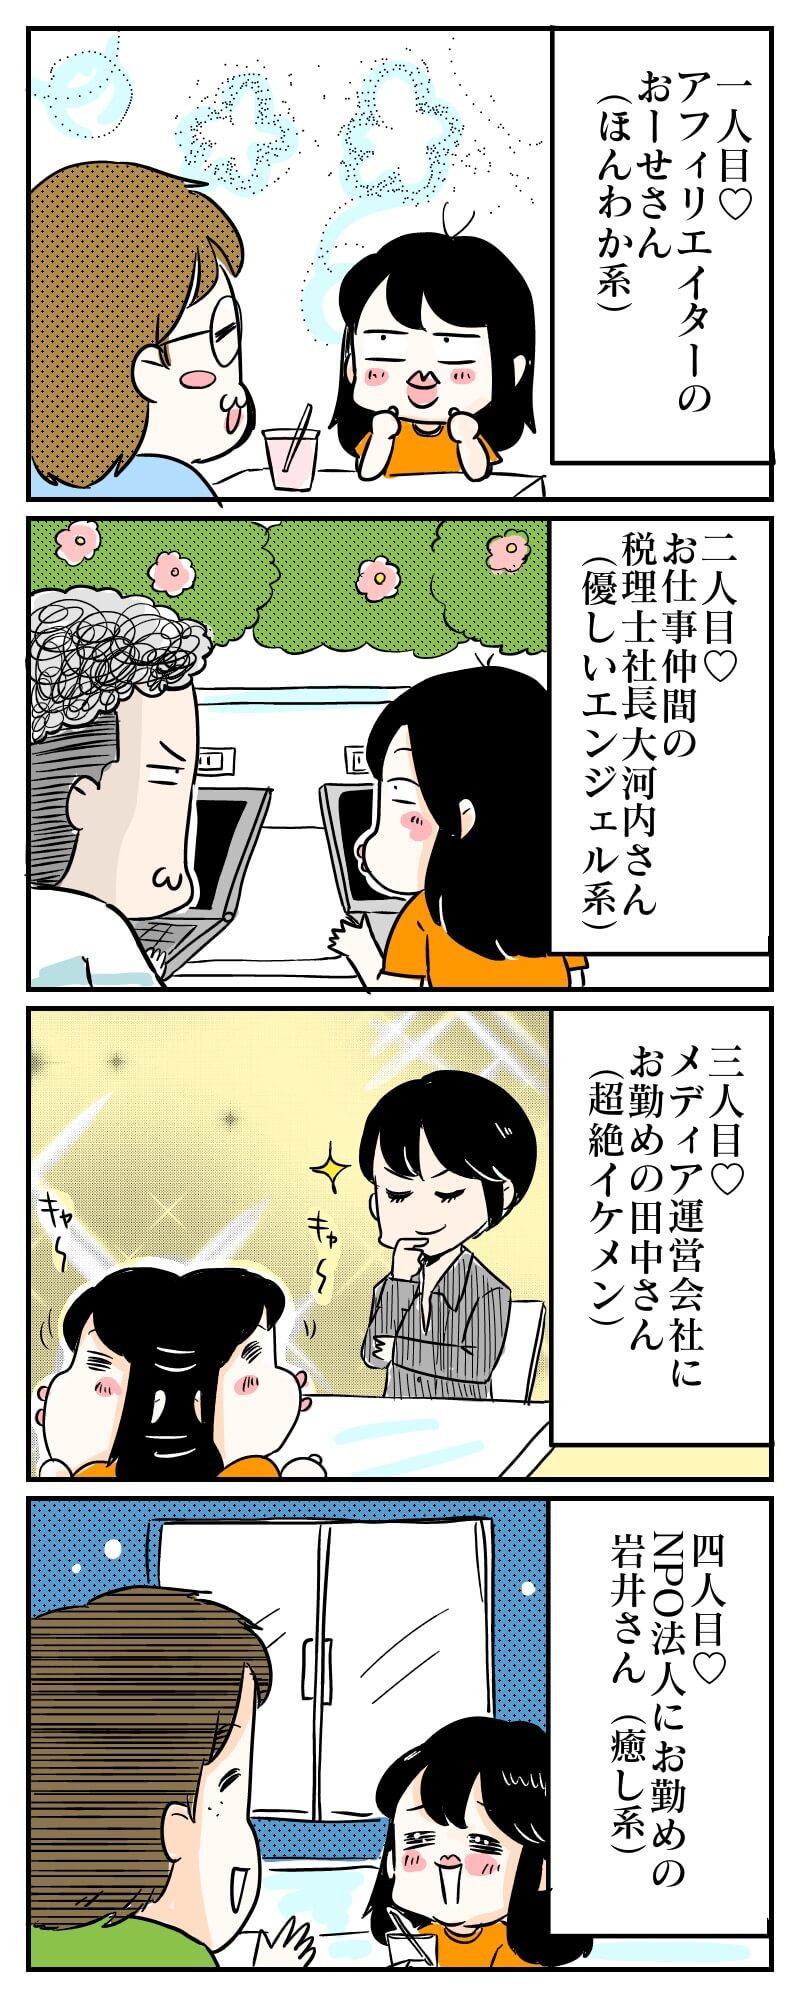 アラサーsns恋活マンガ3